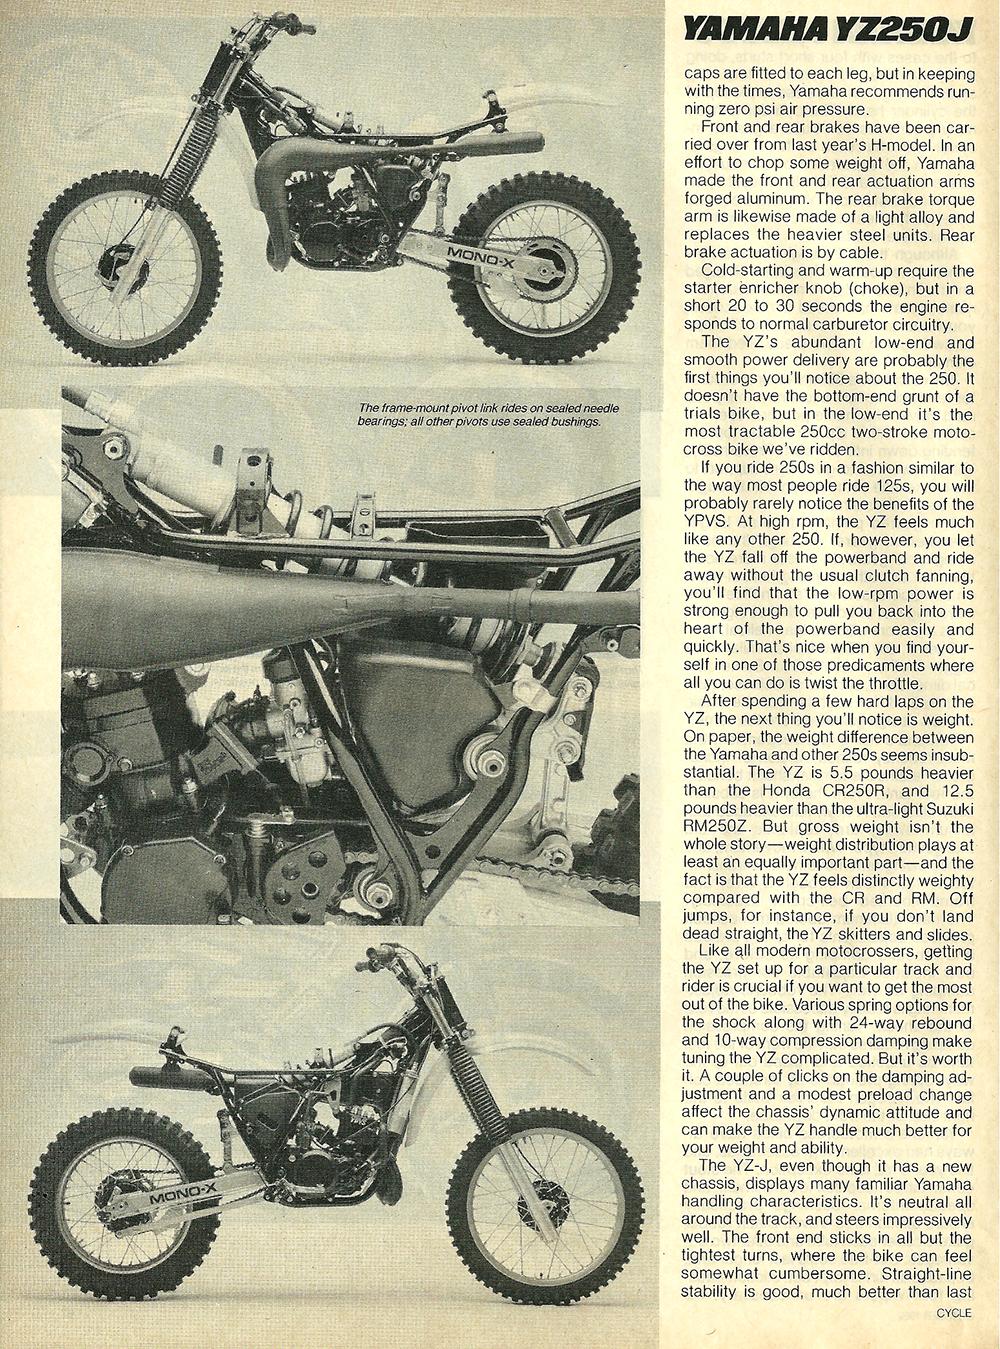 1982 Yamaha YZ250J road test 6.jpg